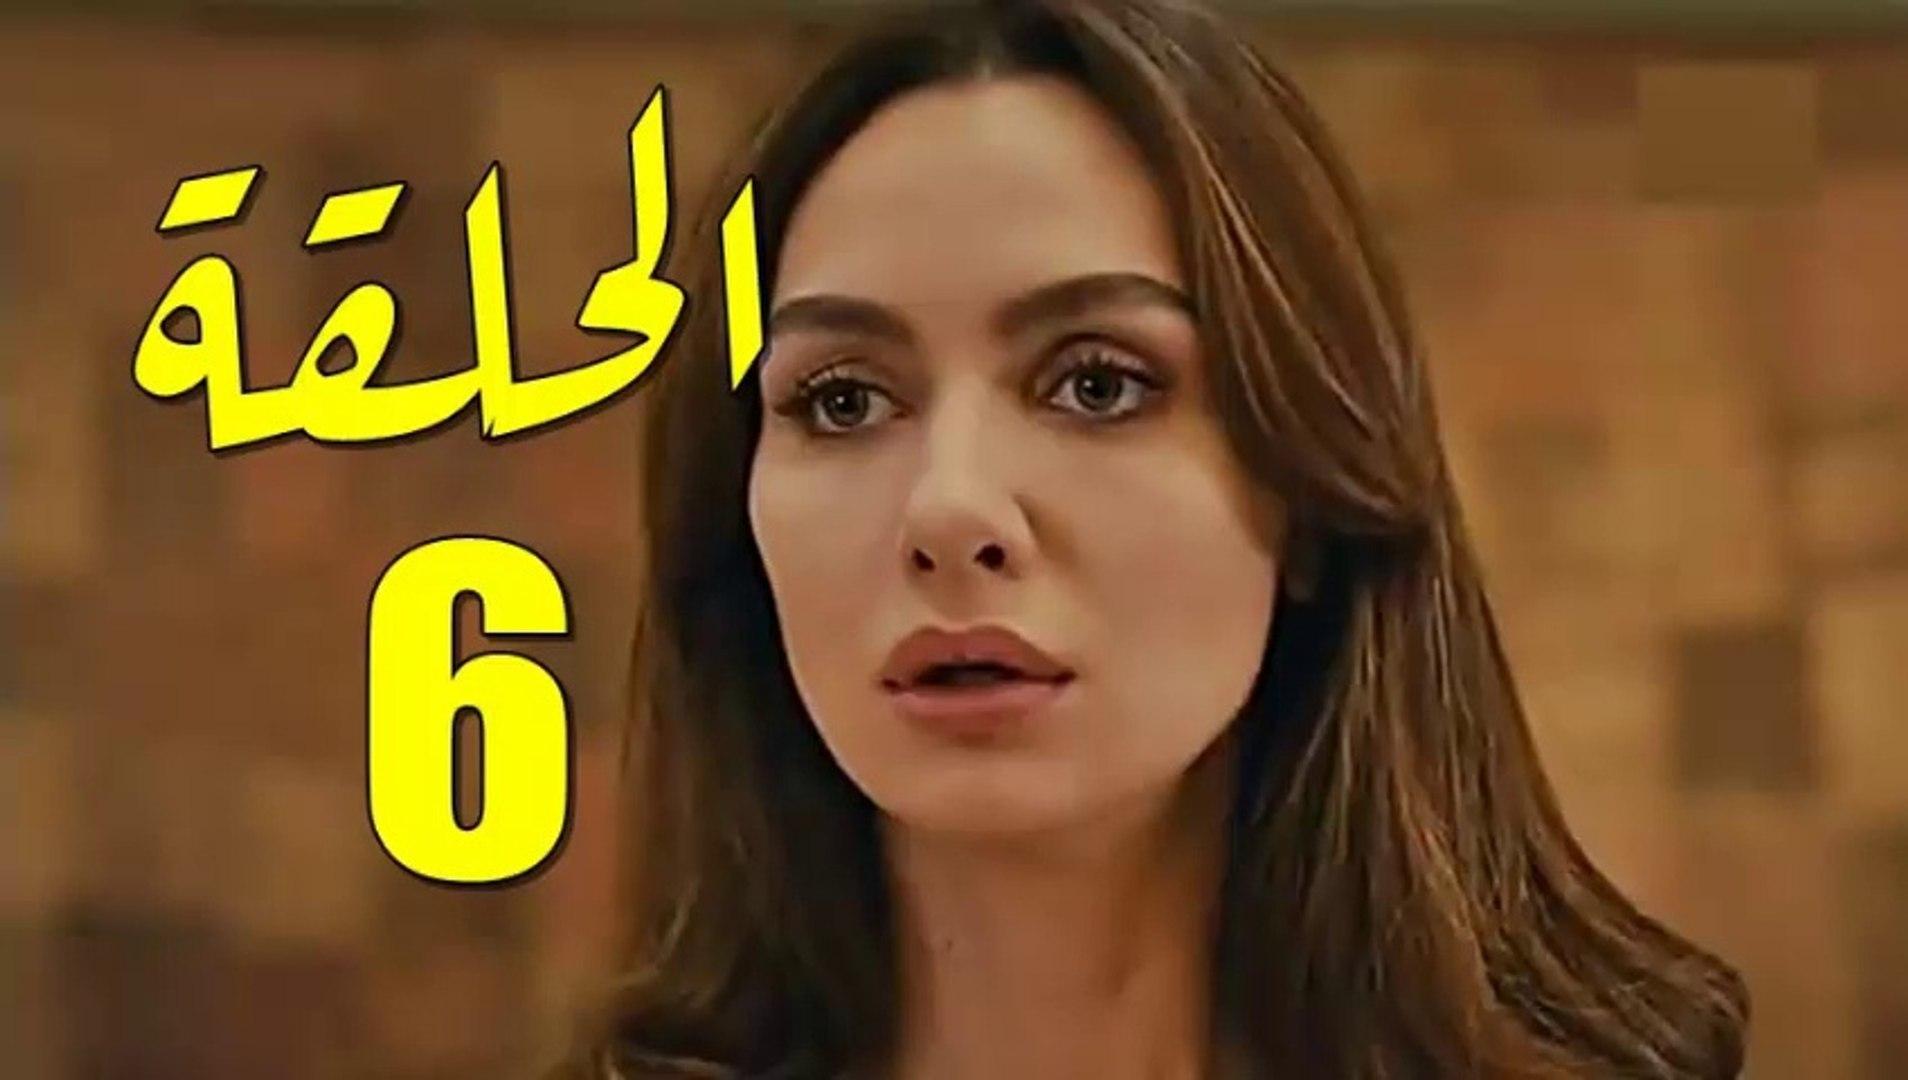 مسلسل حب أبيض أسود الحلقة 6 مدبلج بالمغربية فيديو Dailymotion